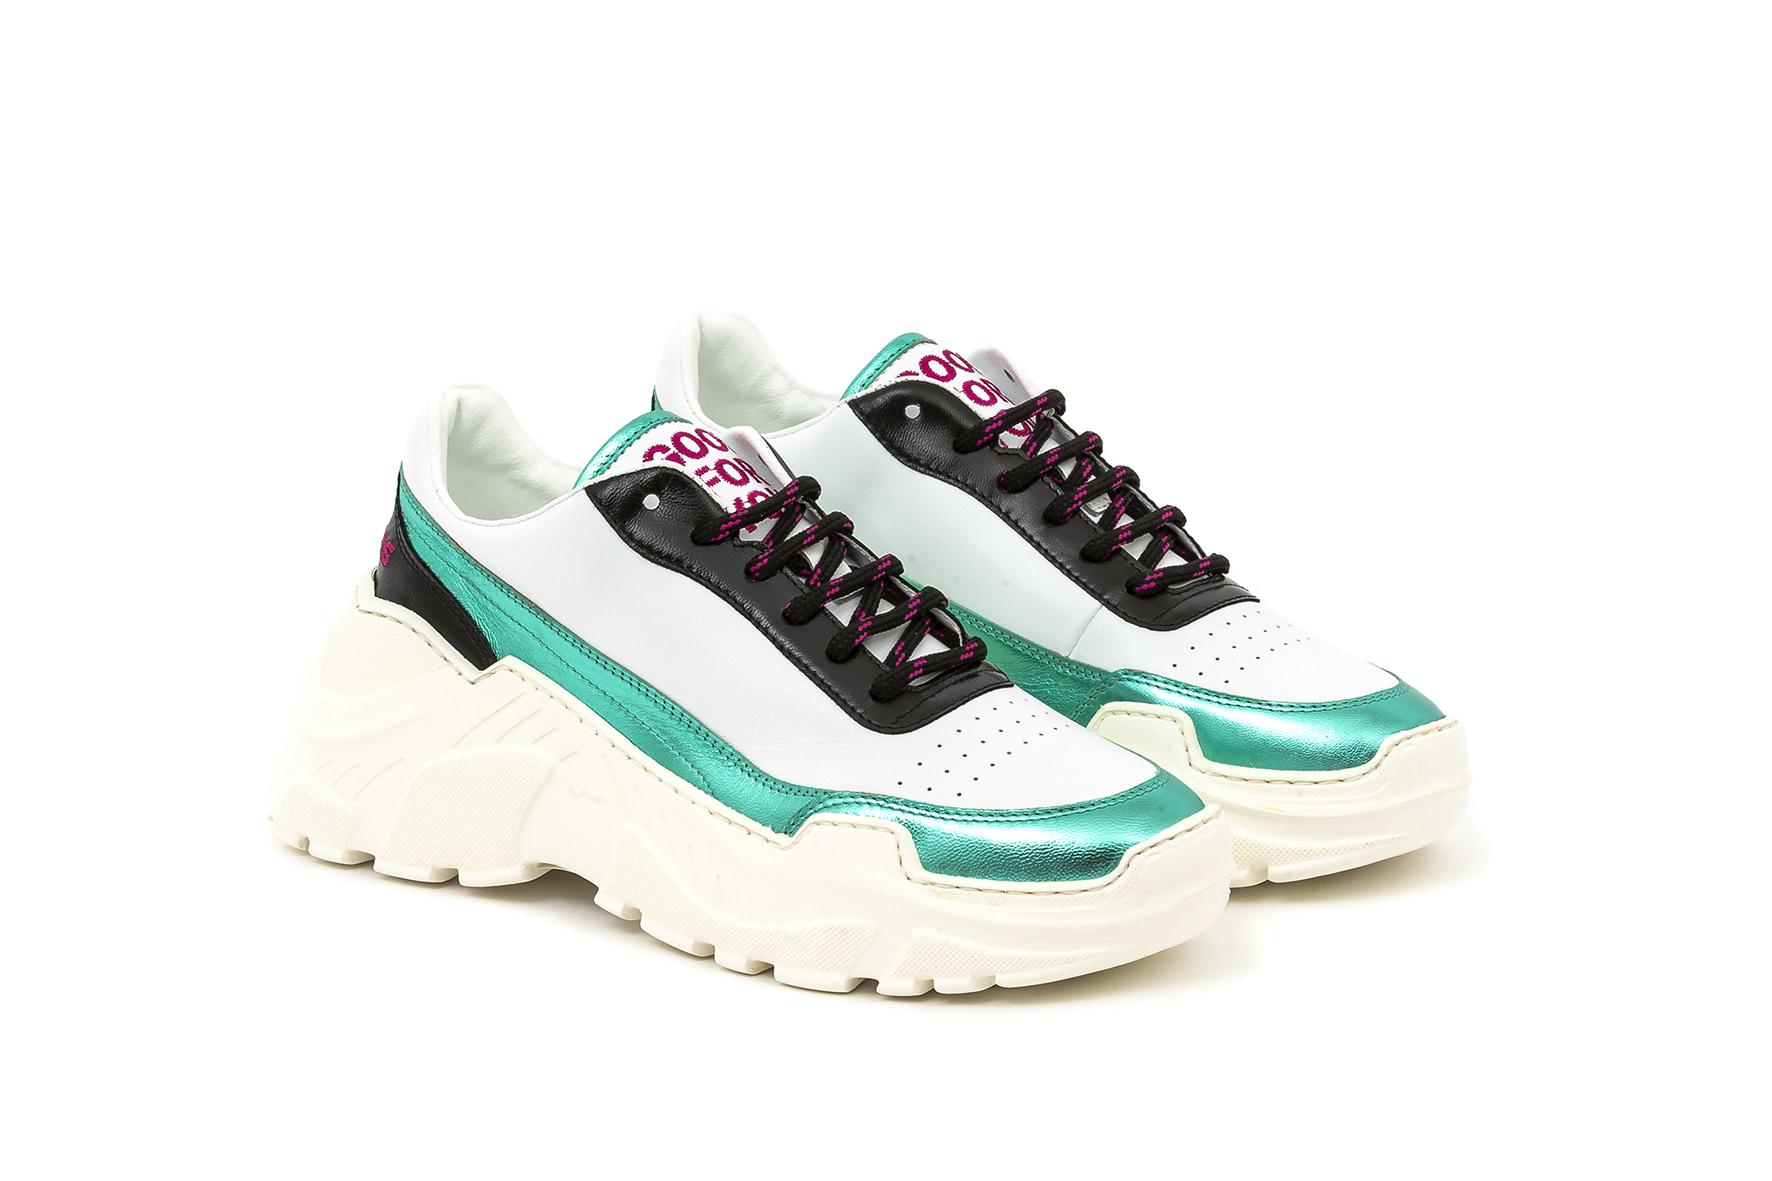 IRENEISGOOD x JOSHUAS 聯名系列鞋款 (綠)